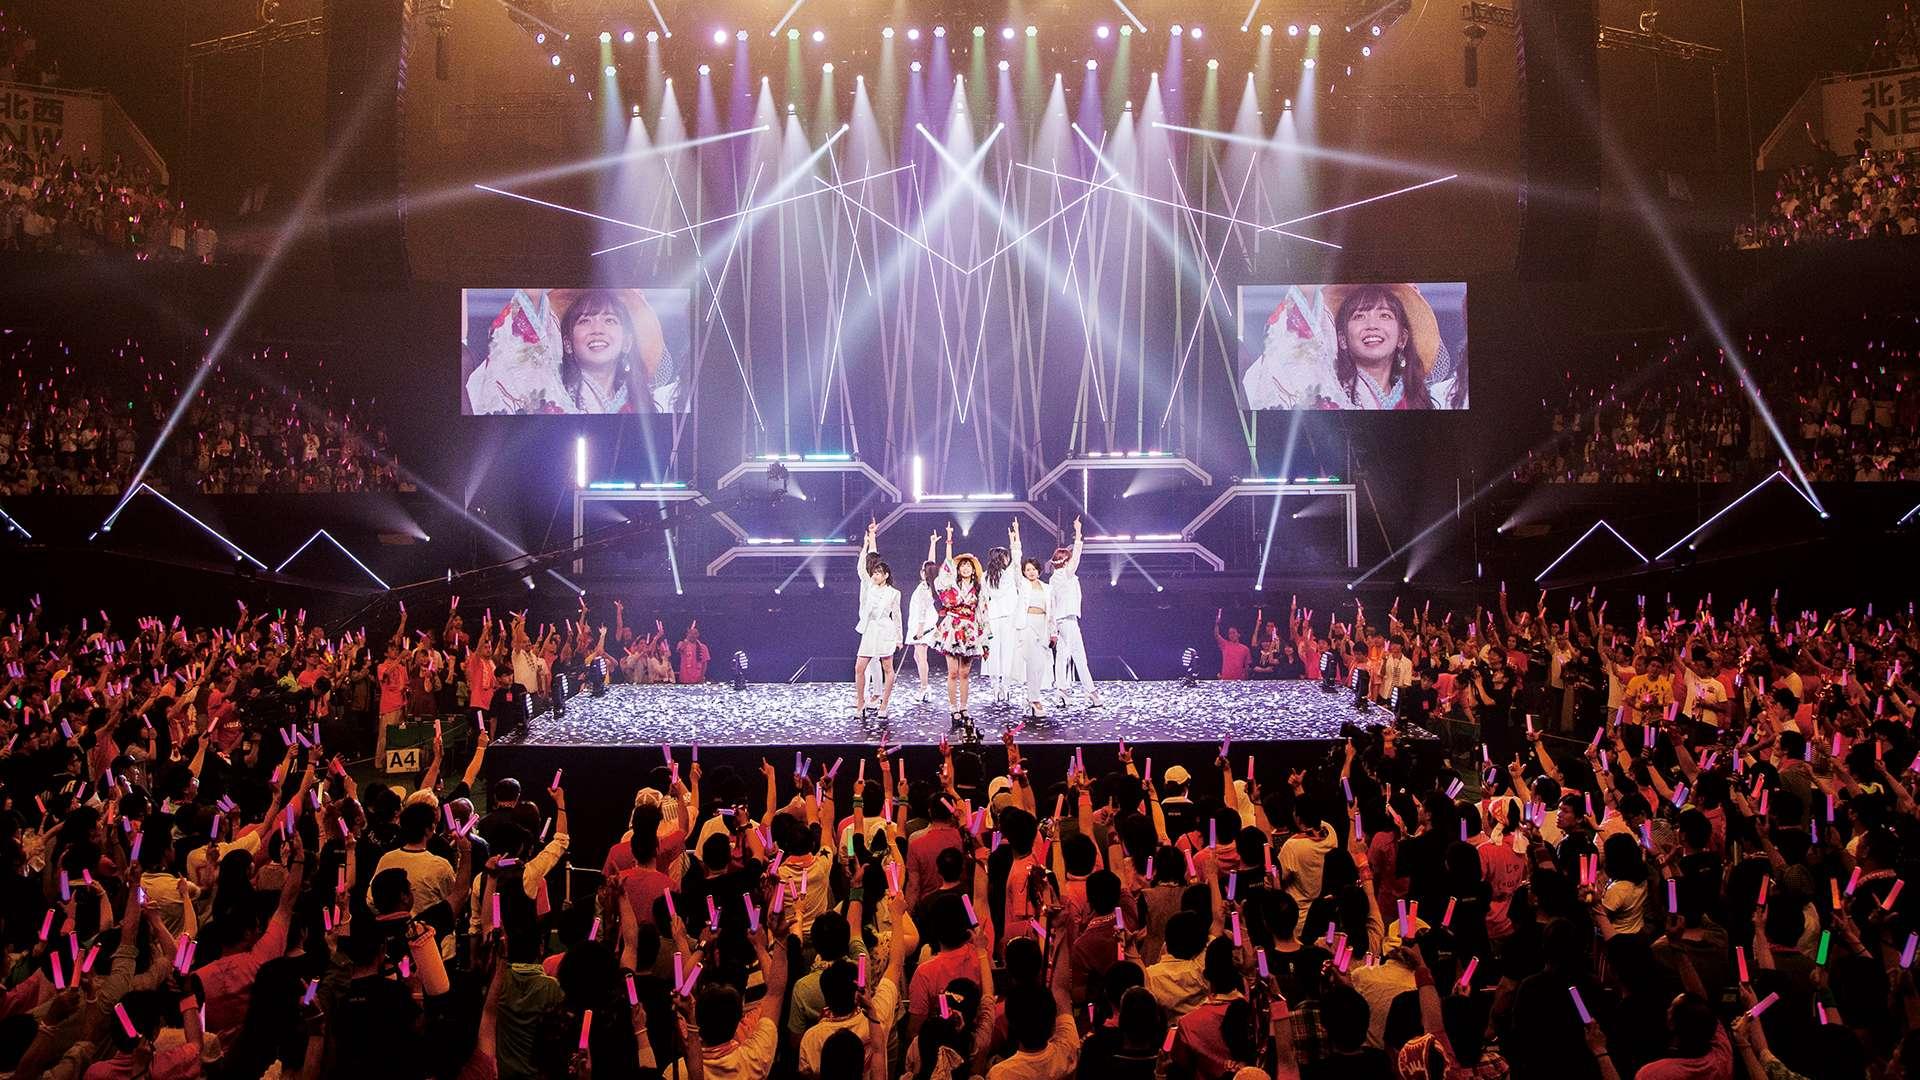 ハロプロ プレミアム Juice=Juice CONCERT TOUR 2019 ~JuiceFull!!!!!!!~ FINAL 宮崎由加卒業スペシャル